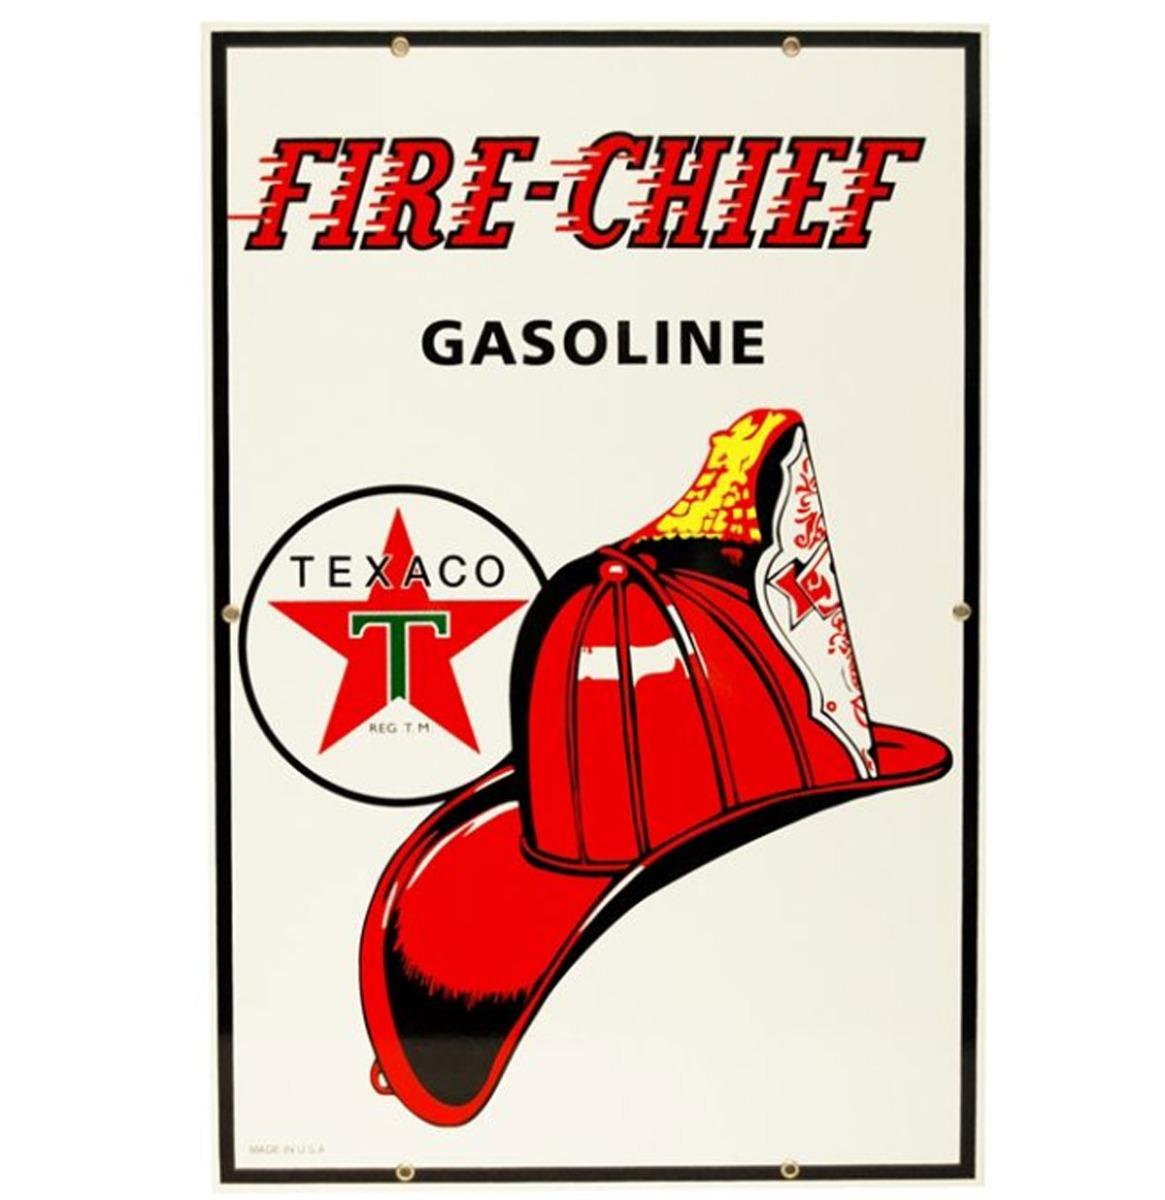 Texaco Fire Chief Gasoline Emaille Bord 46 x 30 cm